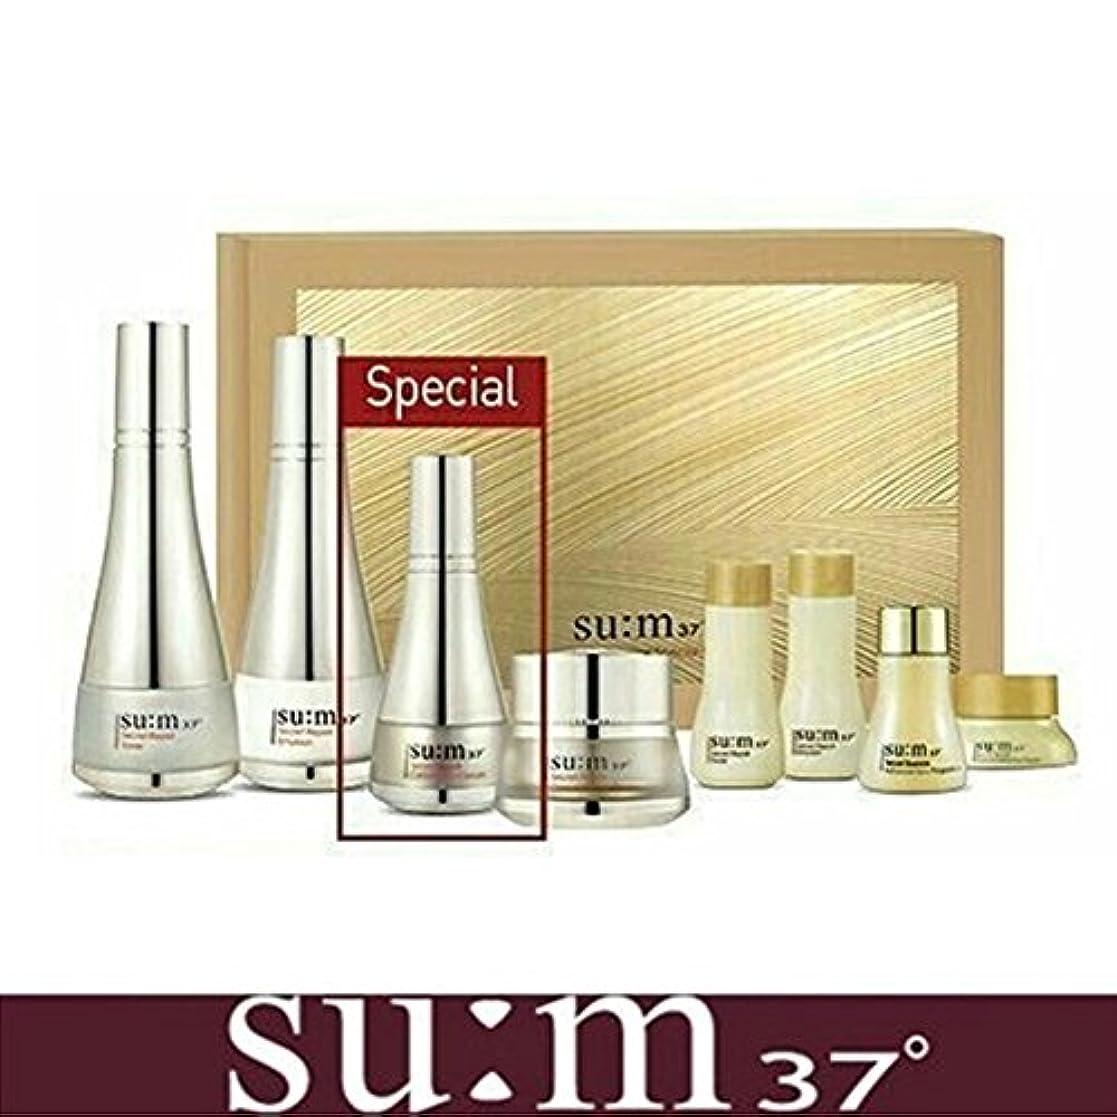 案件冷酷な取得する[su:m37/スム37°] SUM37 Secret Repair 3pcs Special Skincare Set / シークレットリペア3種セット+[Sample Gift](海外直送品)